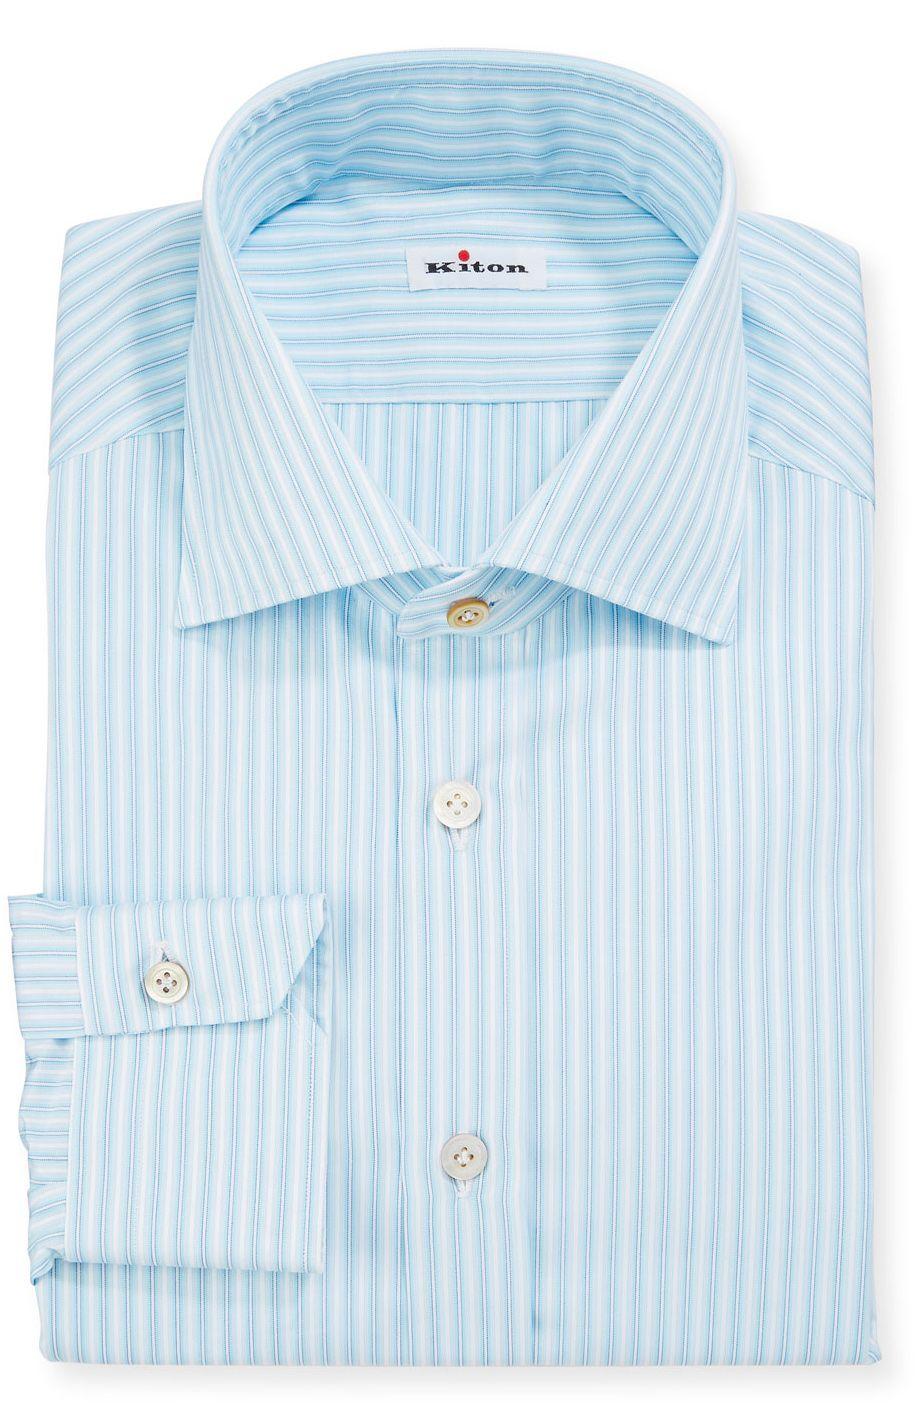 Kiton Men S Aqua Multi Stripe Dress Shirt Brioni Dress Shirt Shirt Dress Shirts [ 1414 x 924 Pixel ]